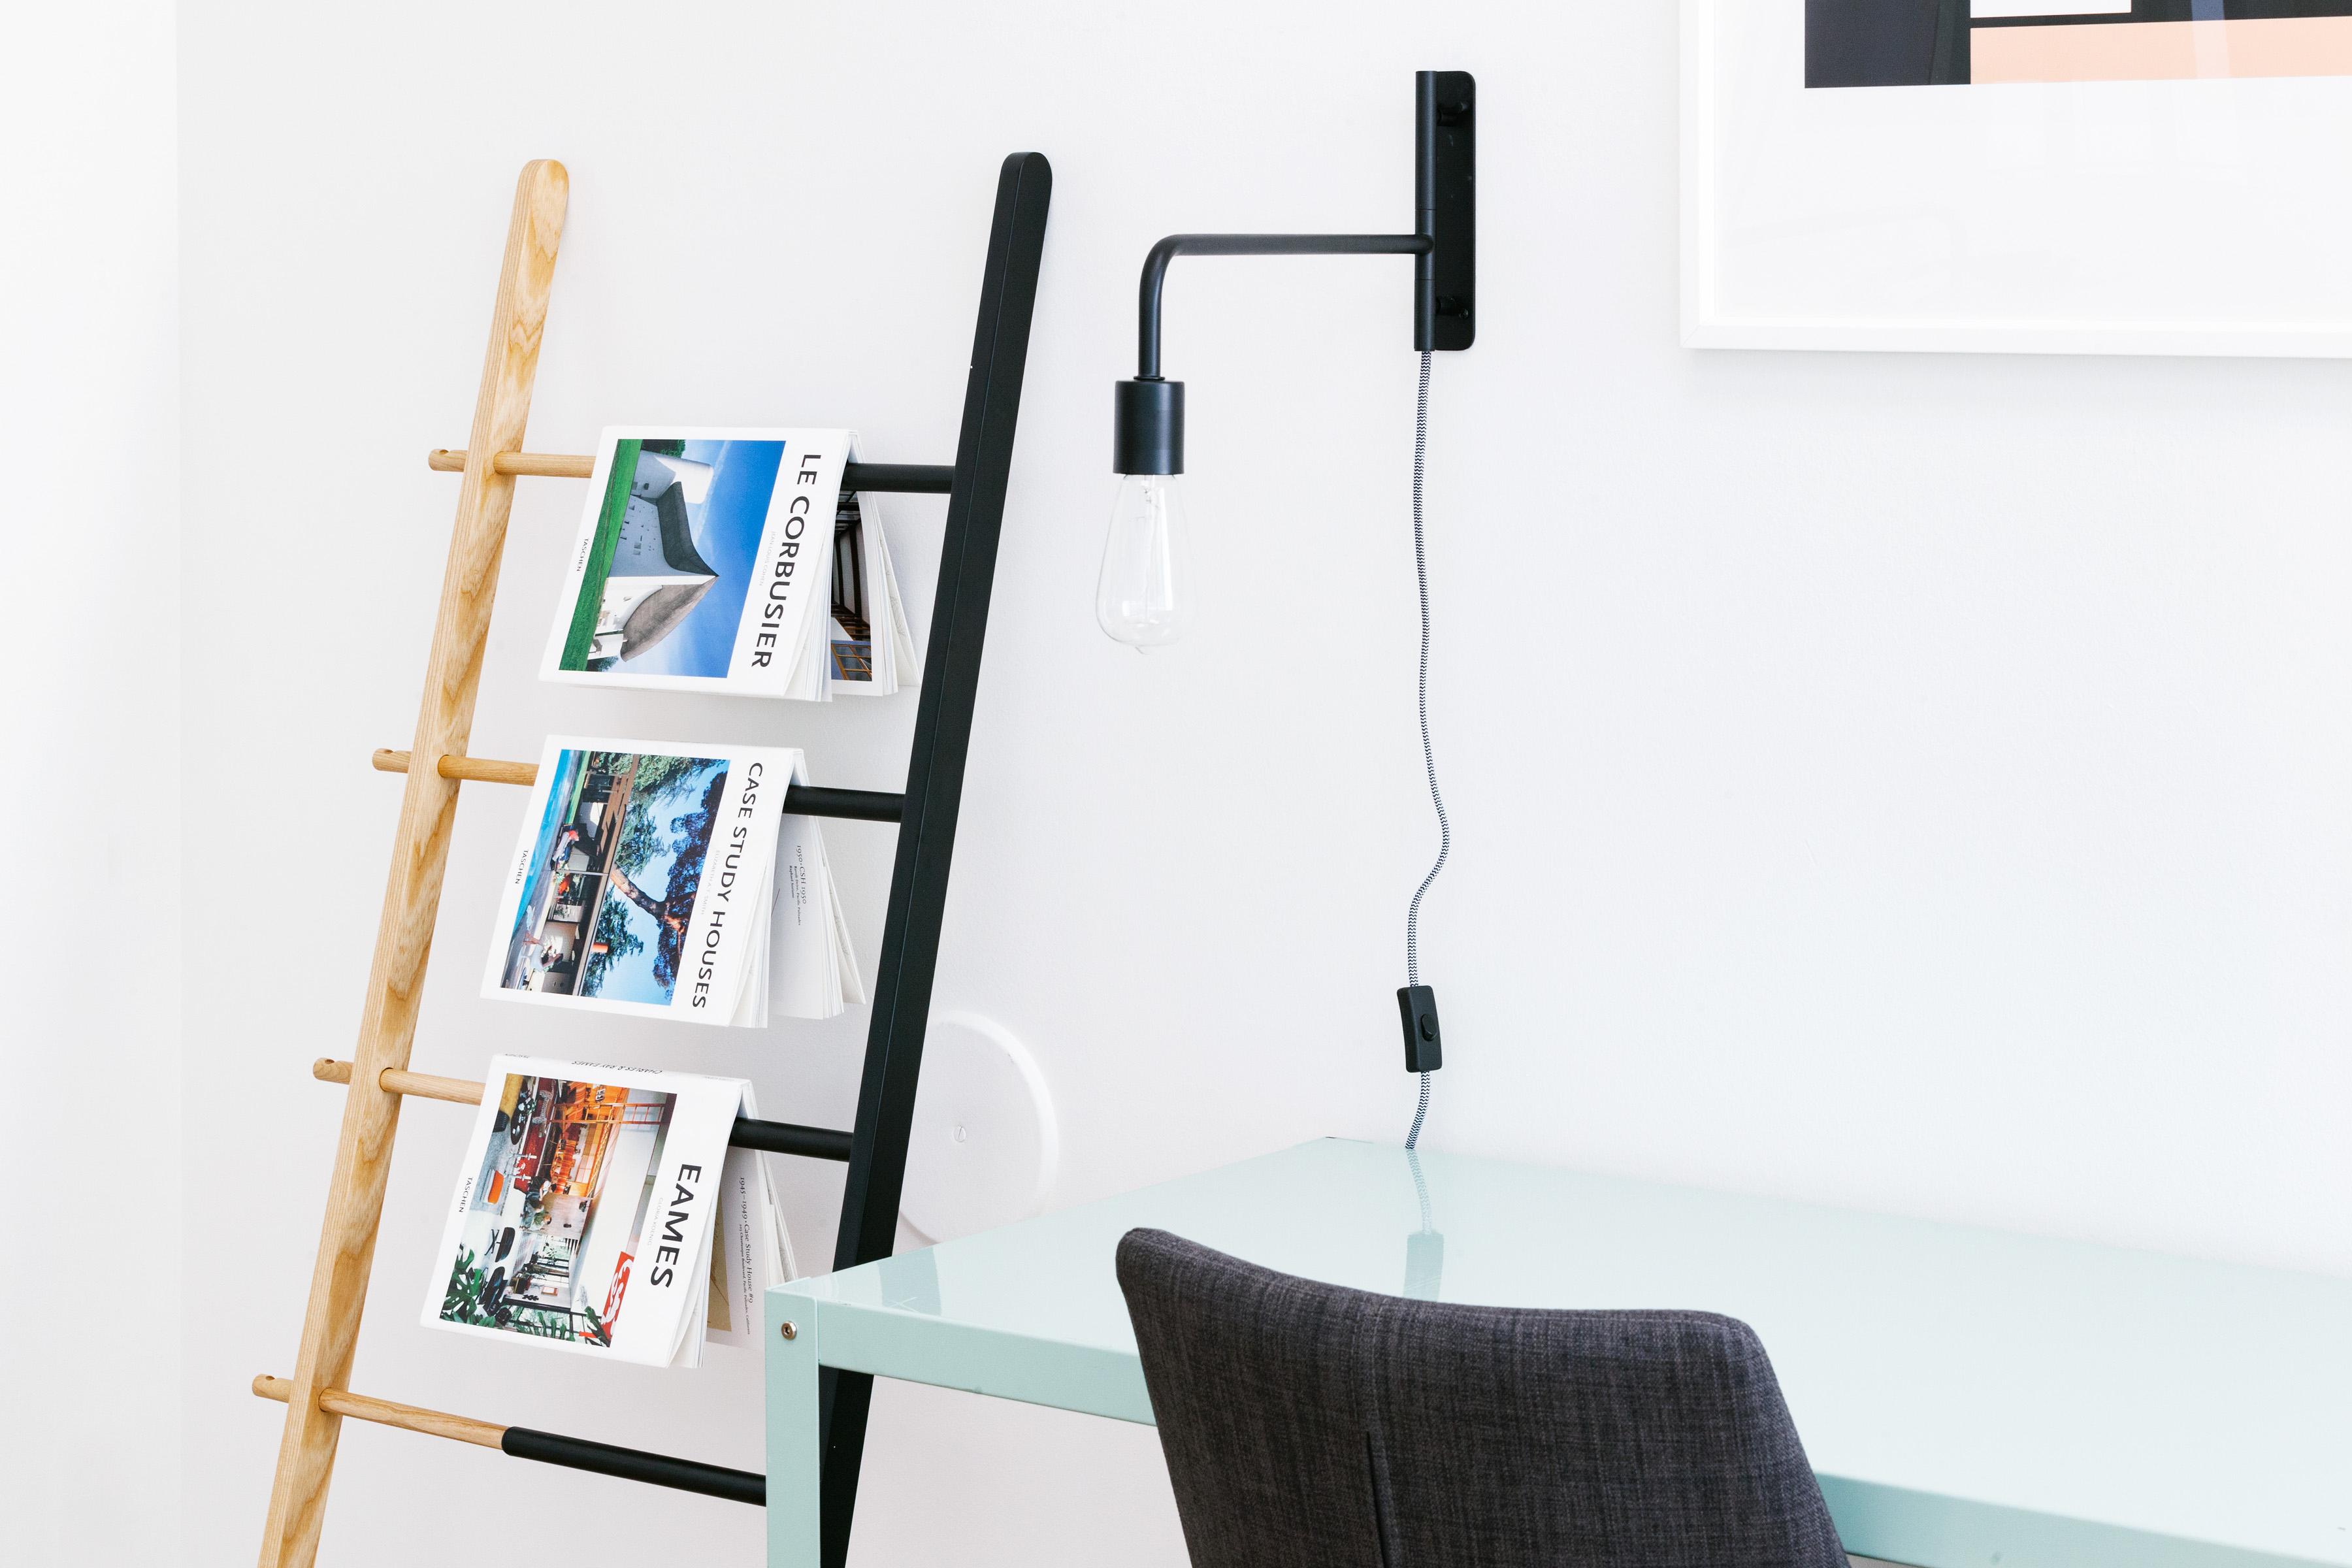 무료 이미지 : 책상, 표, 의자, 내부, 벽, 선반, 가구, 방, 장식 ...